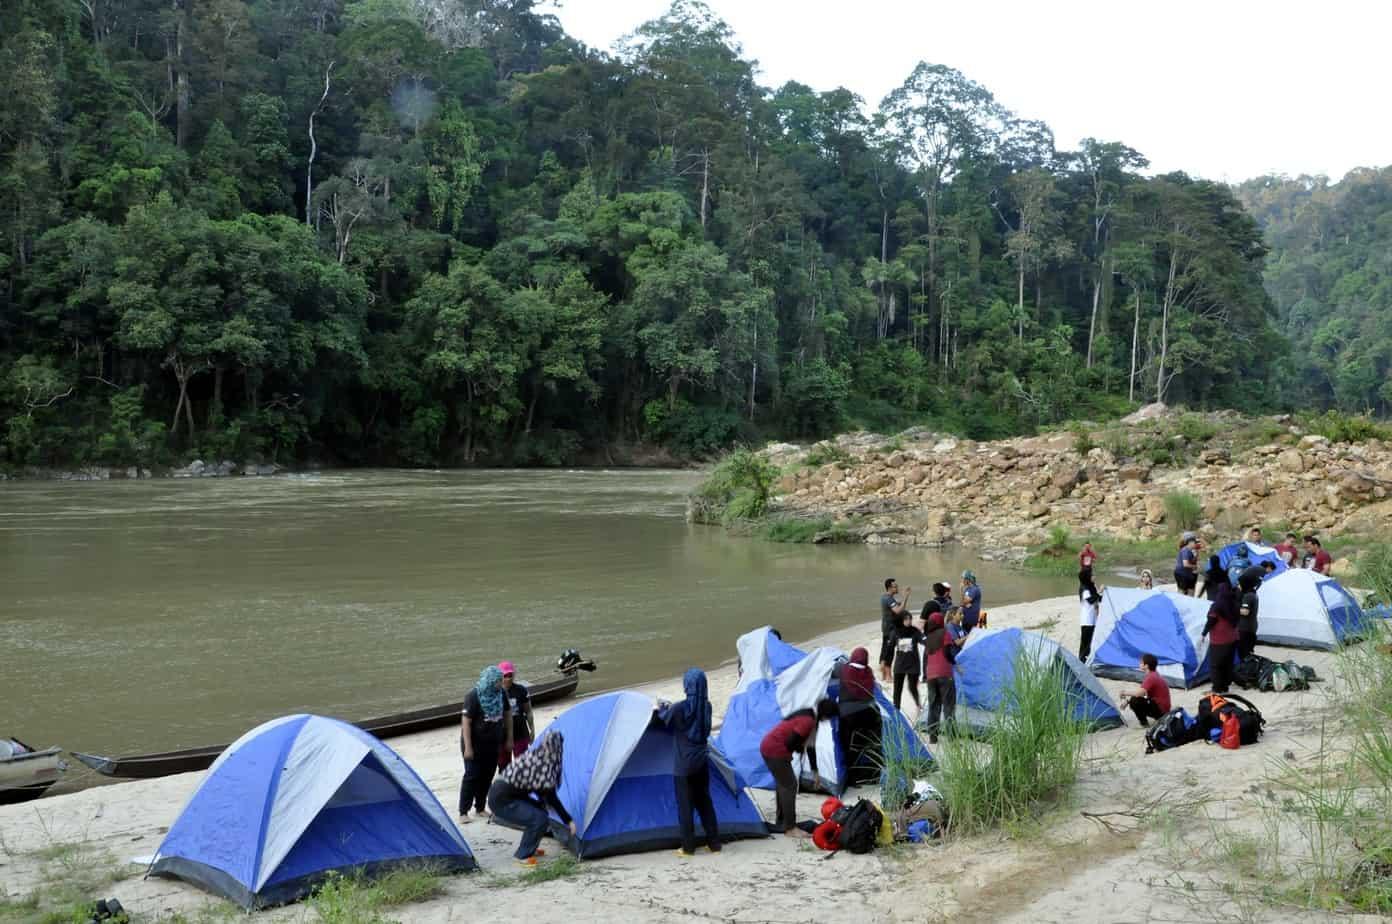 Taman Negara Camping river site